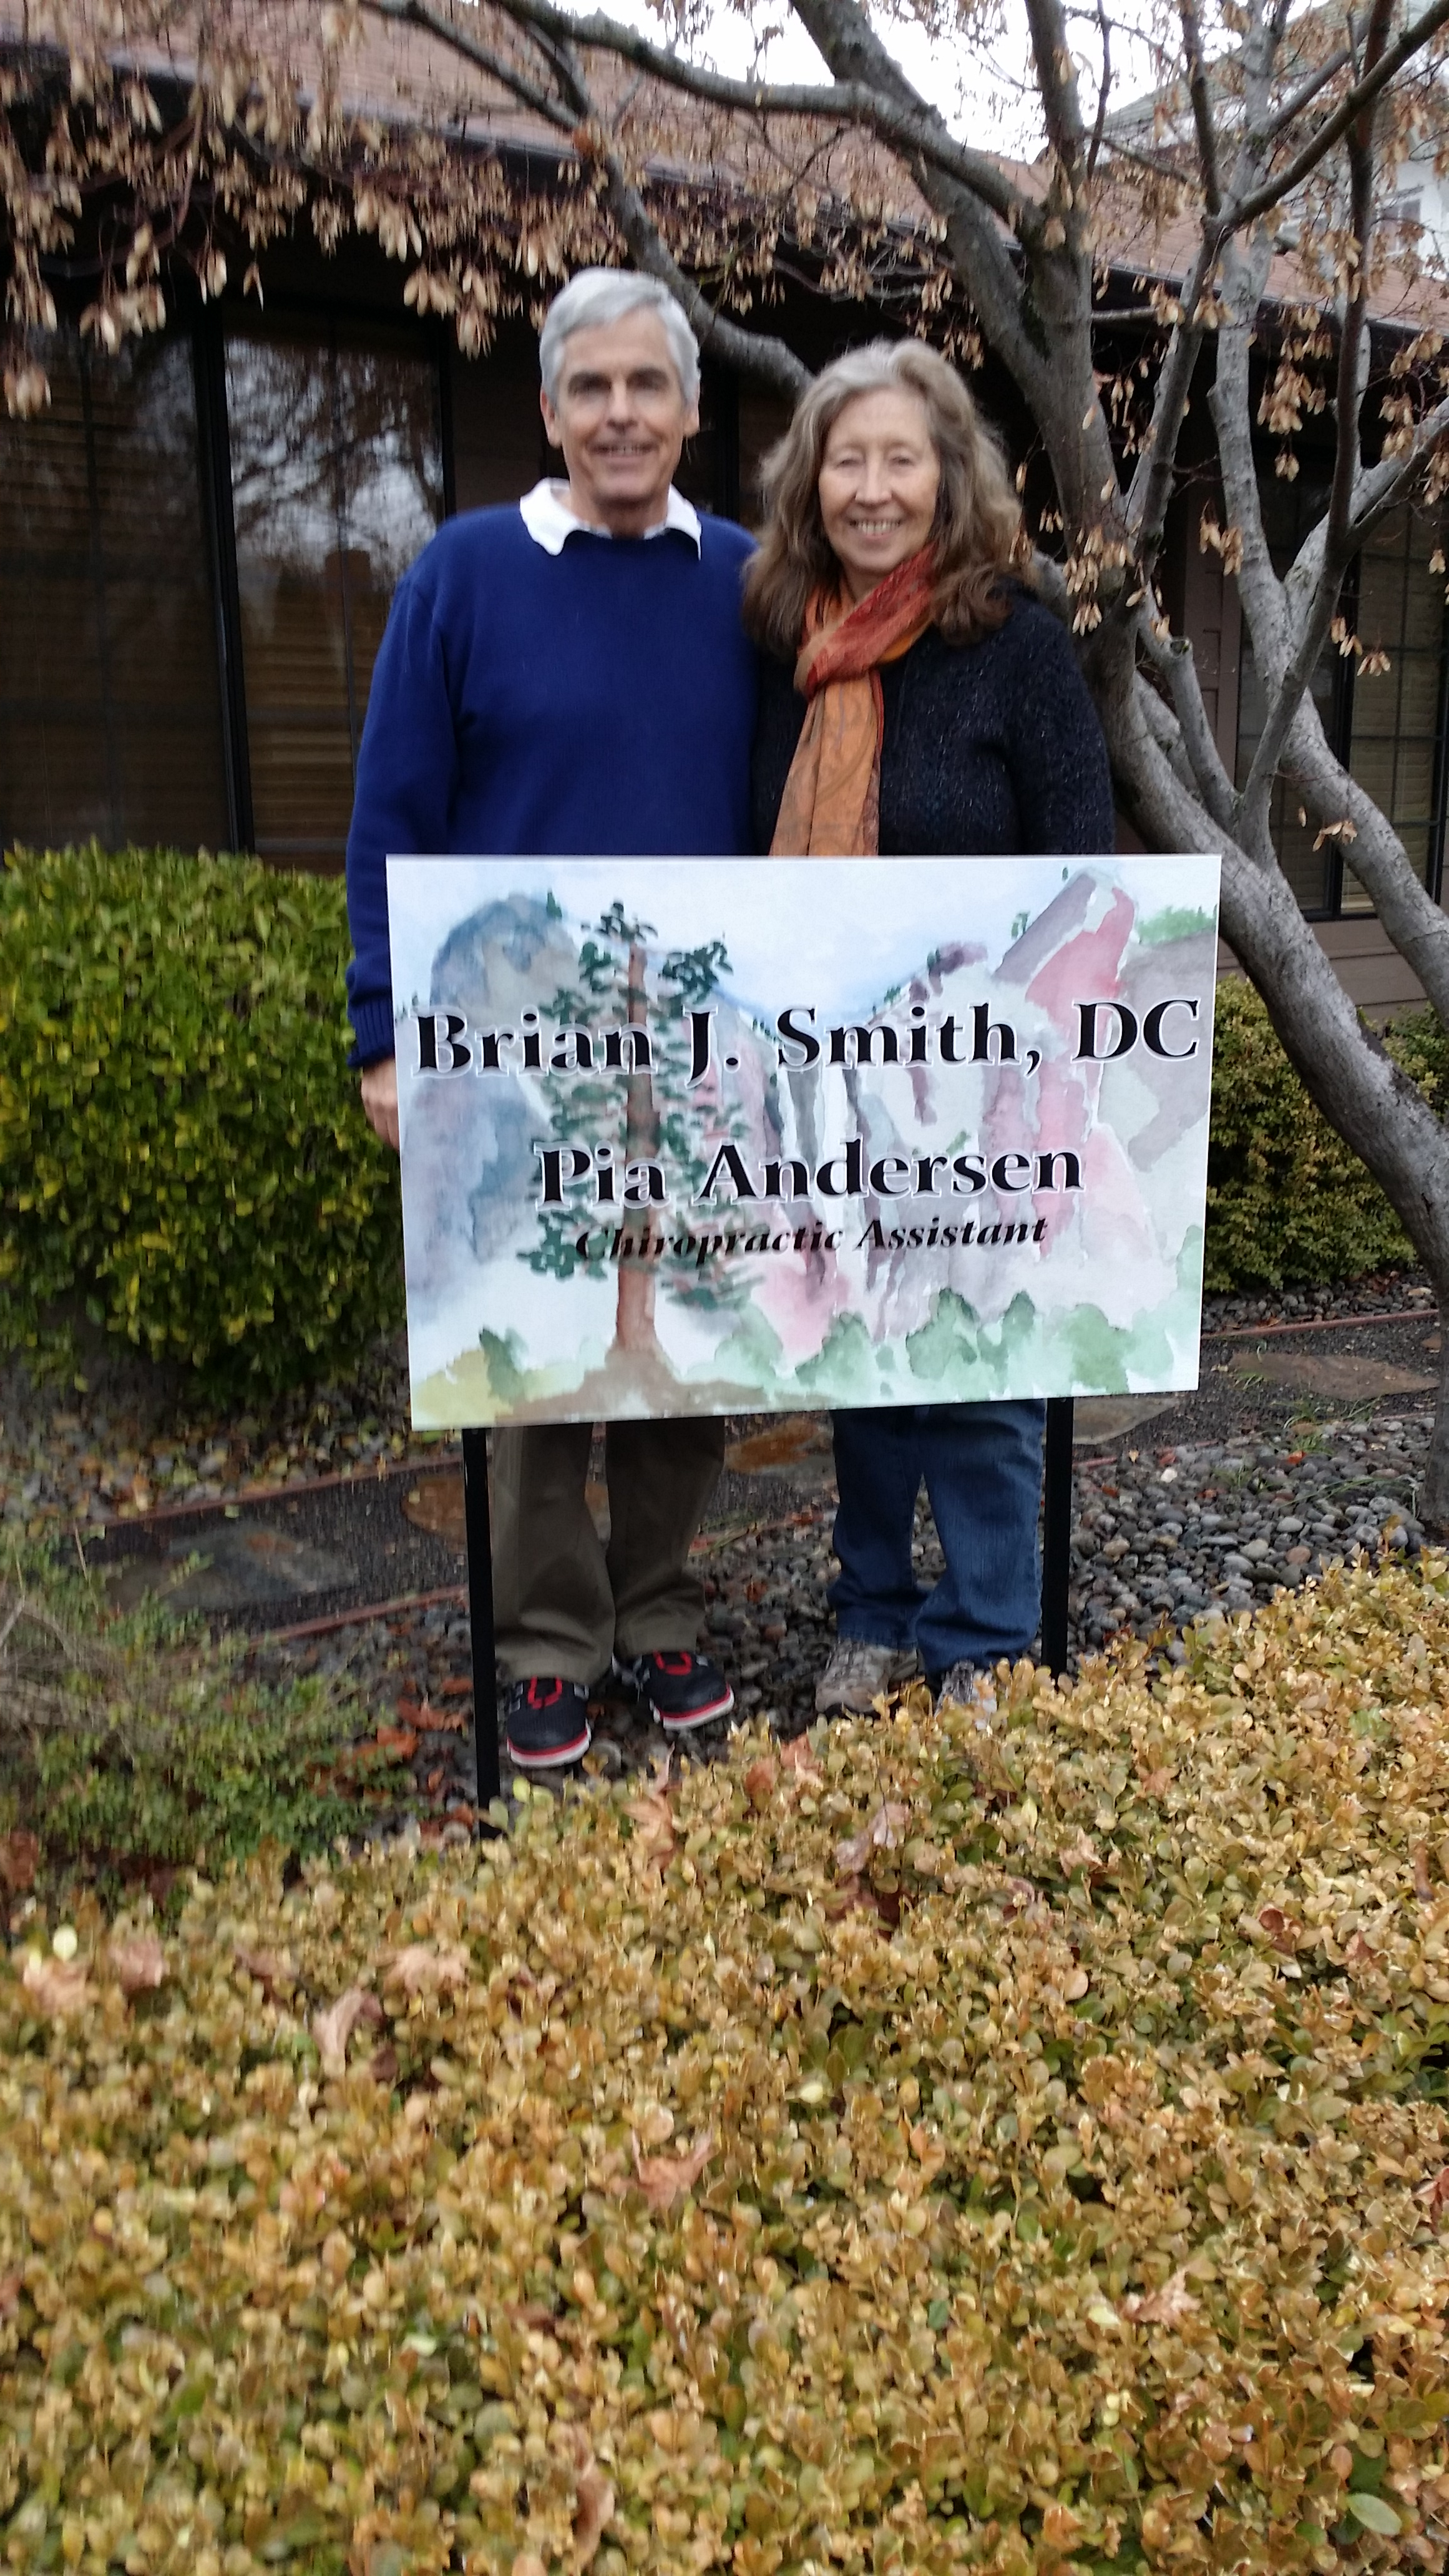 Brian J Smith, Dc